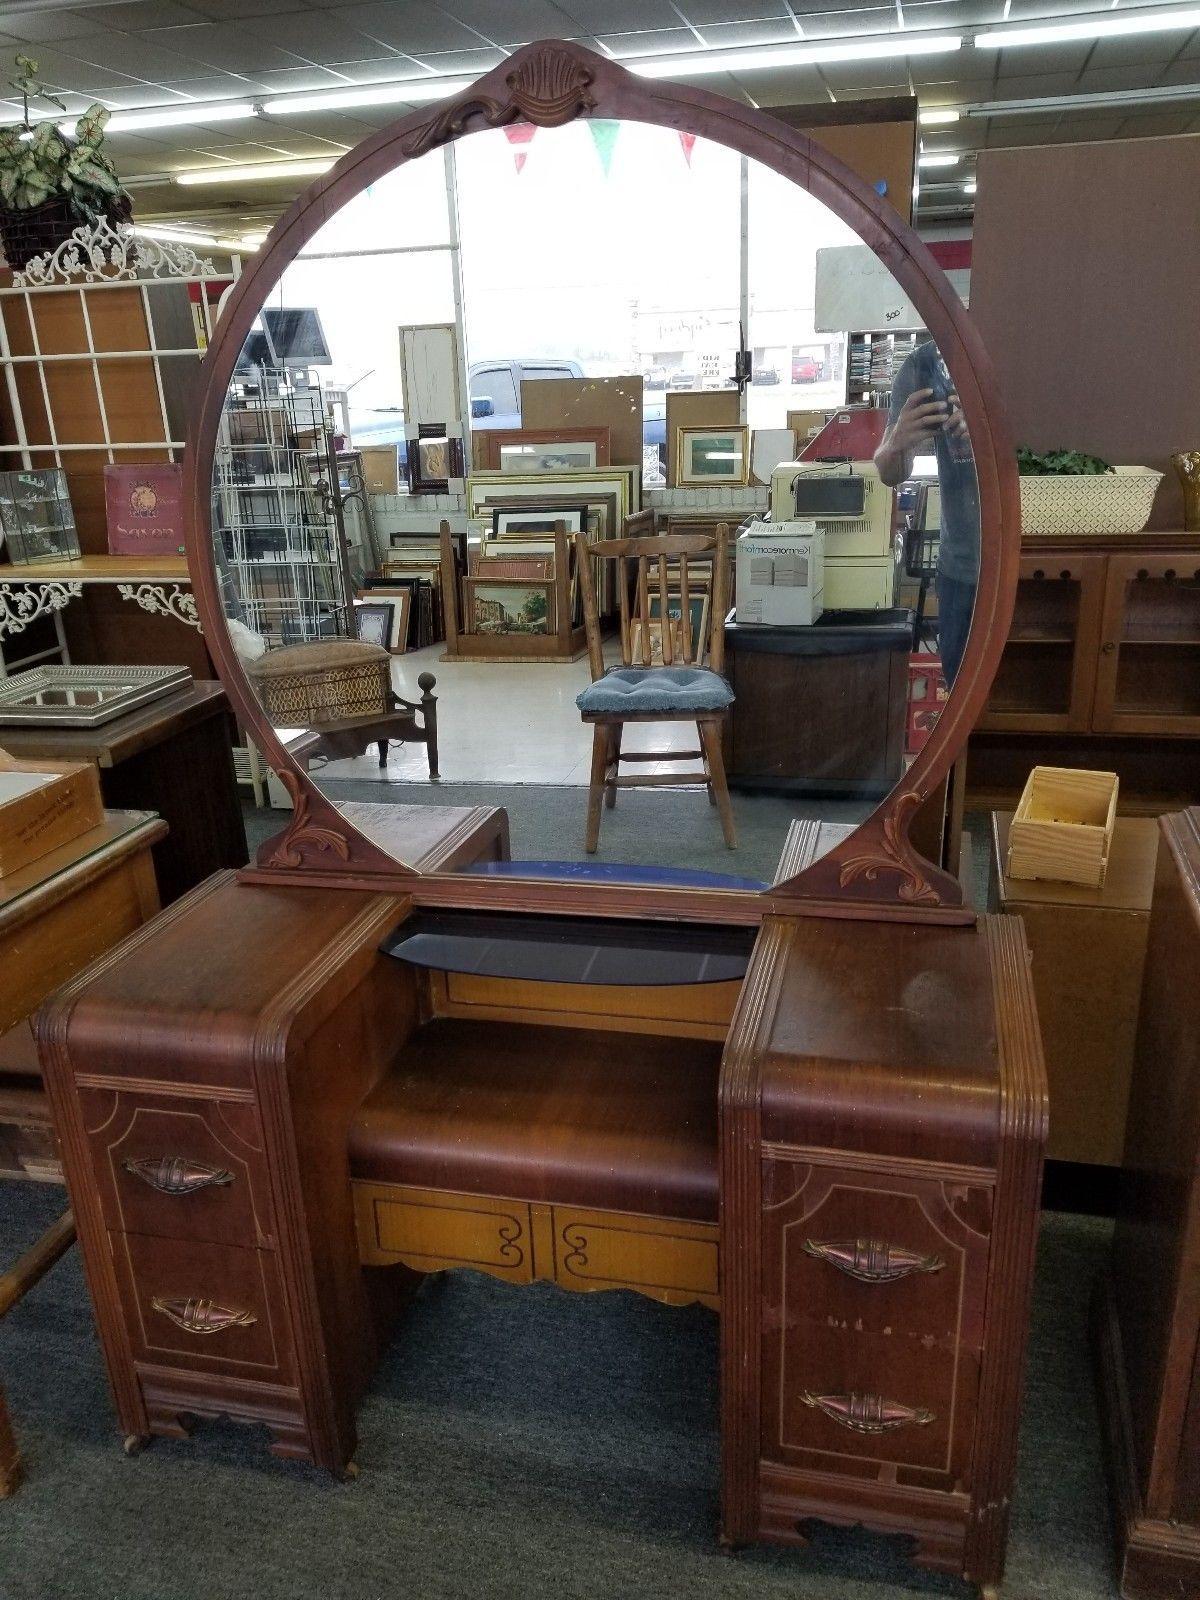 Details about Antique Vintage 4 Drawer Vanity Dresser Desk